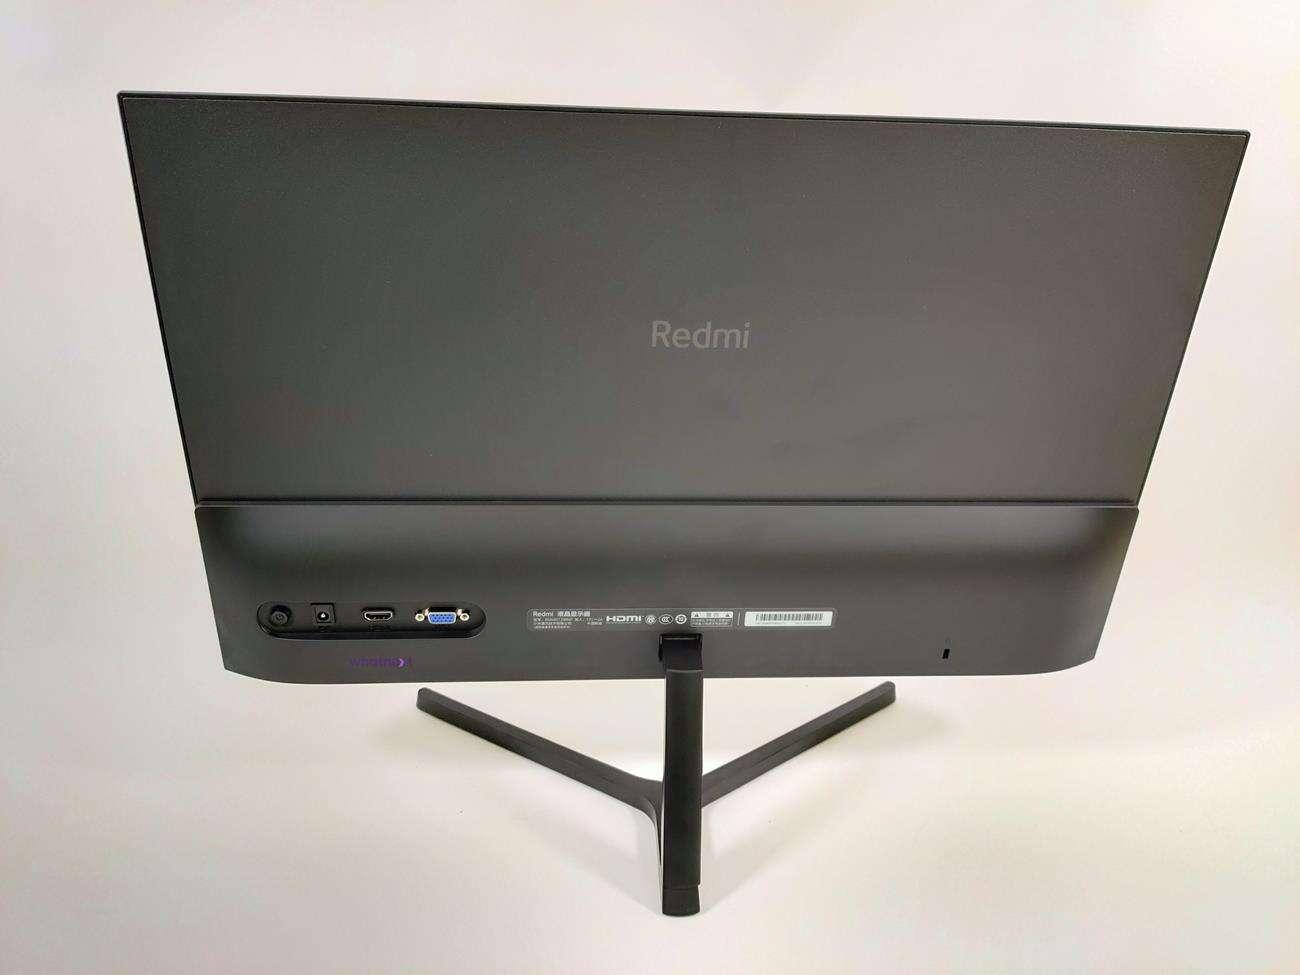 test Redmi 1A 23,8 cala, recenzja Redmi 1A 23,8 cala, review Redmi 1A 23,8 cala, opinia Redmi 1A 23,8 cala